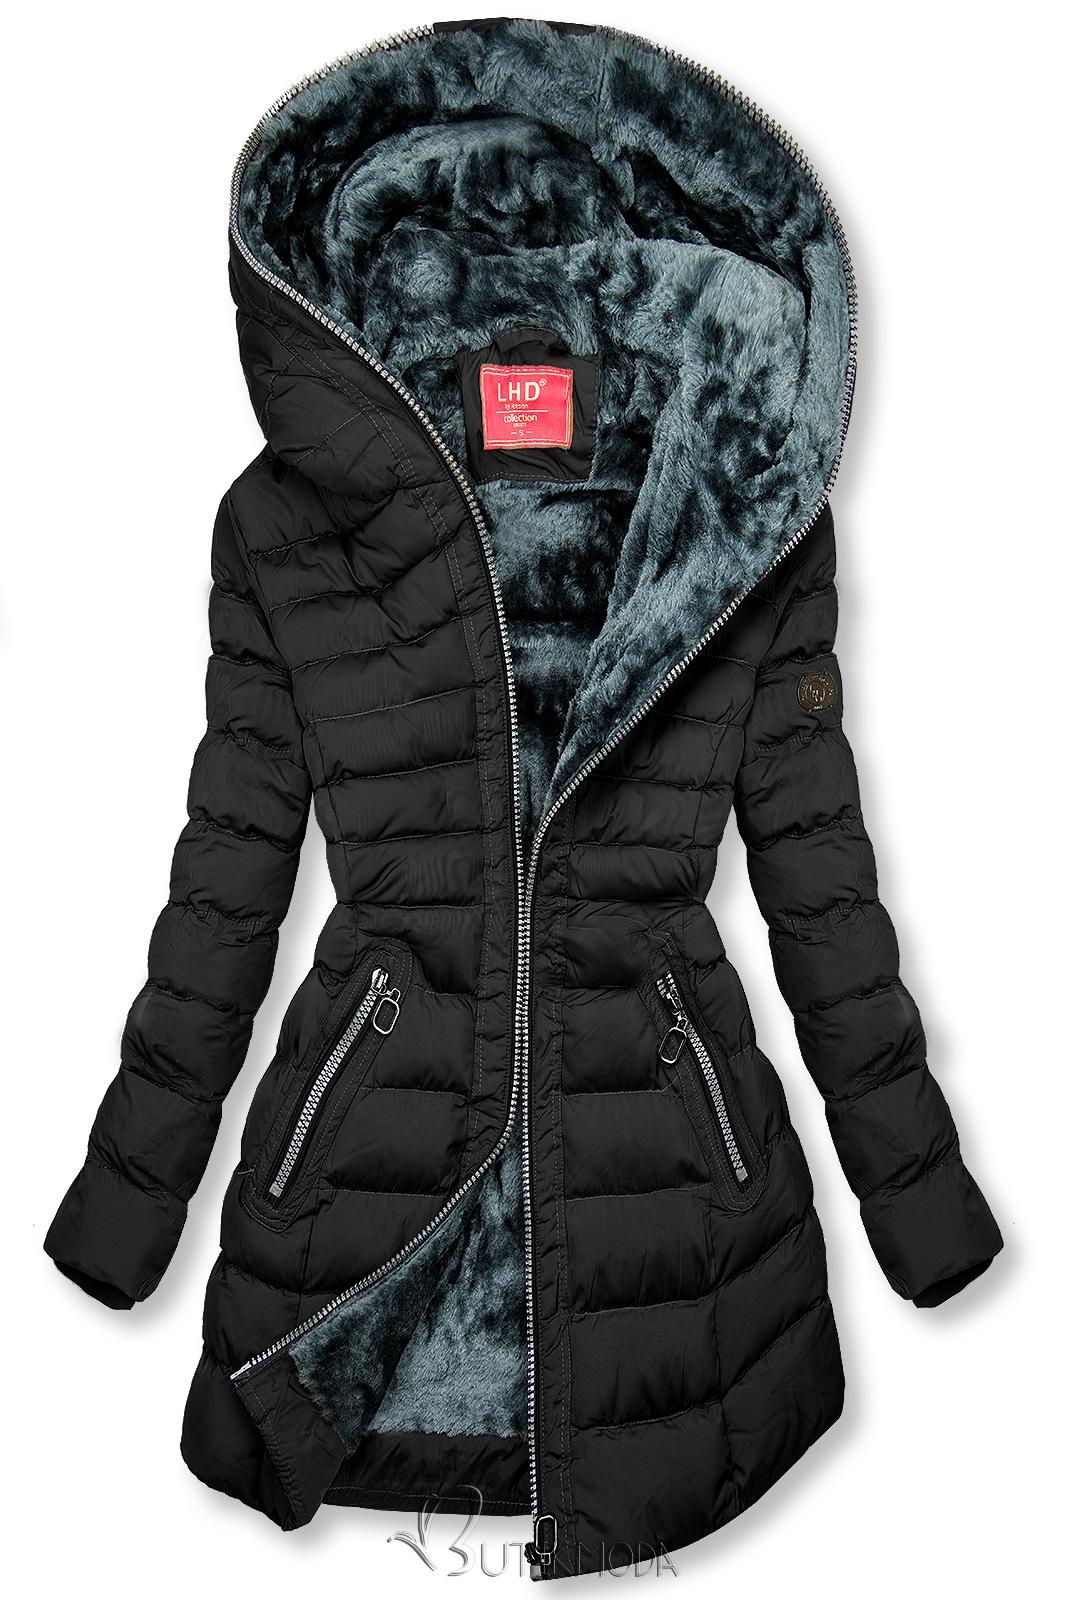 Téli steppelt kabát kapucnival - fekete színű